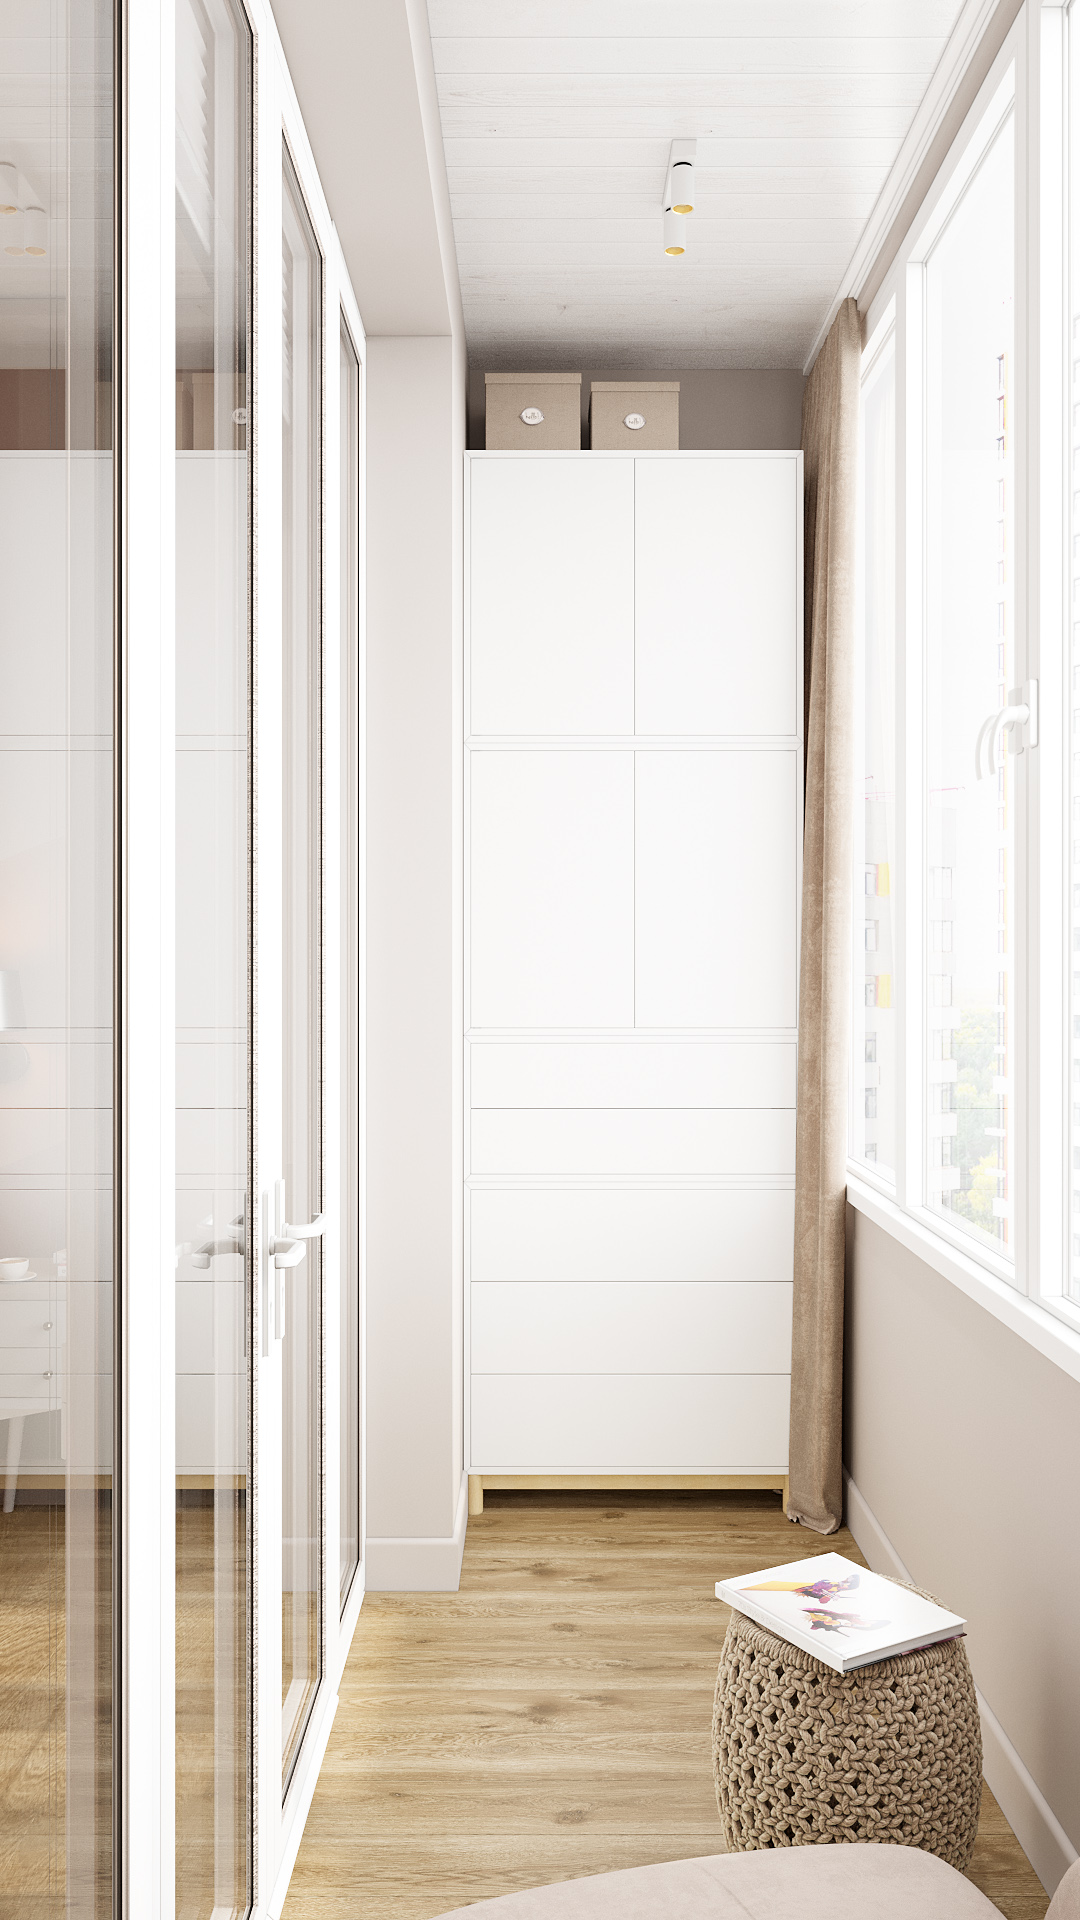 фото:Наличие балкона в спальной комнате добавляет пространству дополнительное место хранение, а также дополнительное место отдыха. Оформлен балкон в соответствии с палитрой и дизайном спальной комнаты так, чтобы эти два пространства смотрелись единым целым